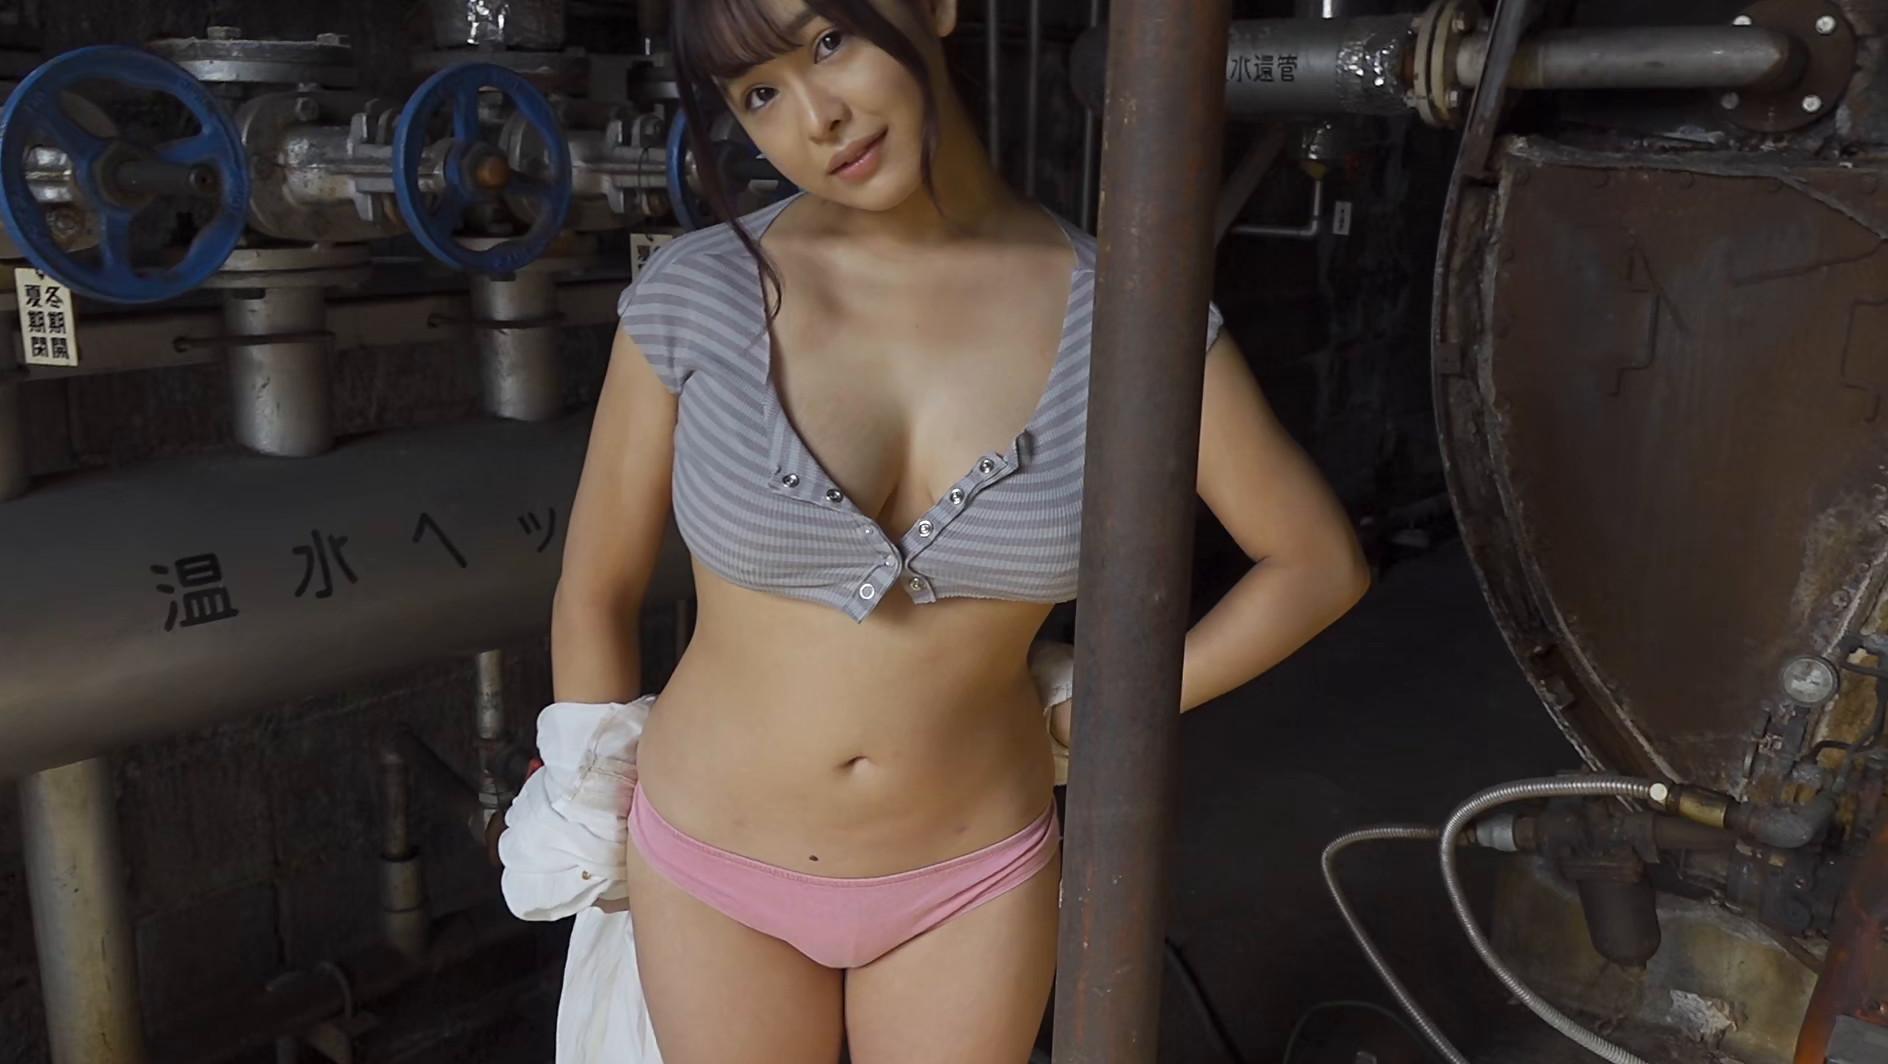 emerge 永瀬永茉8